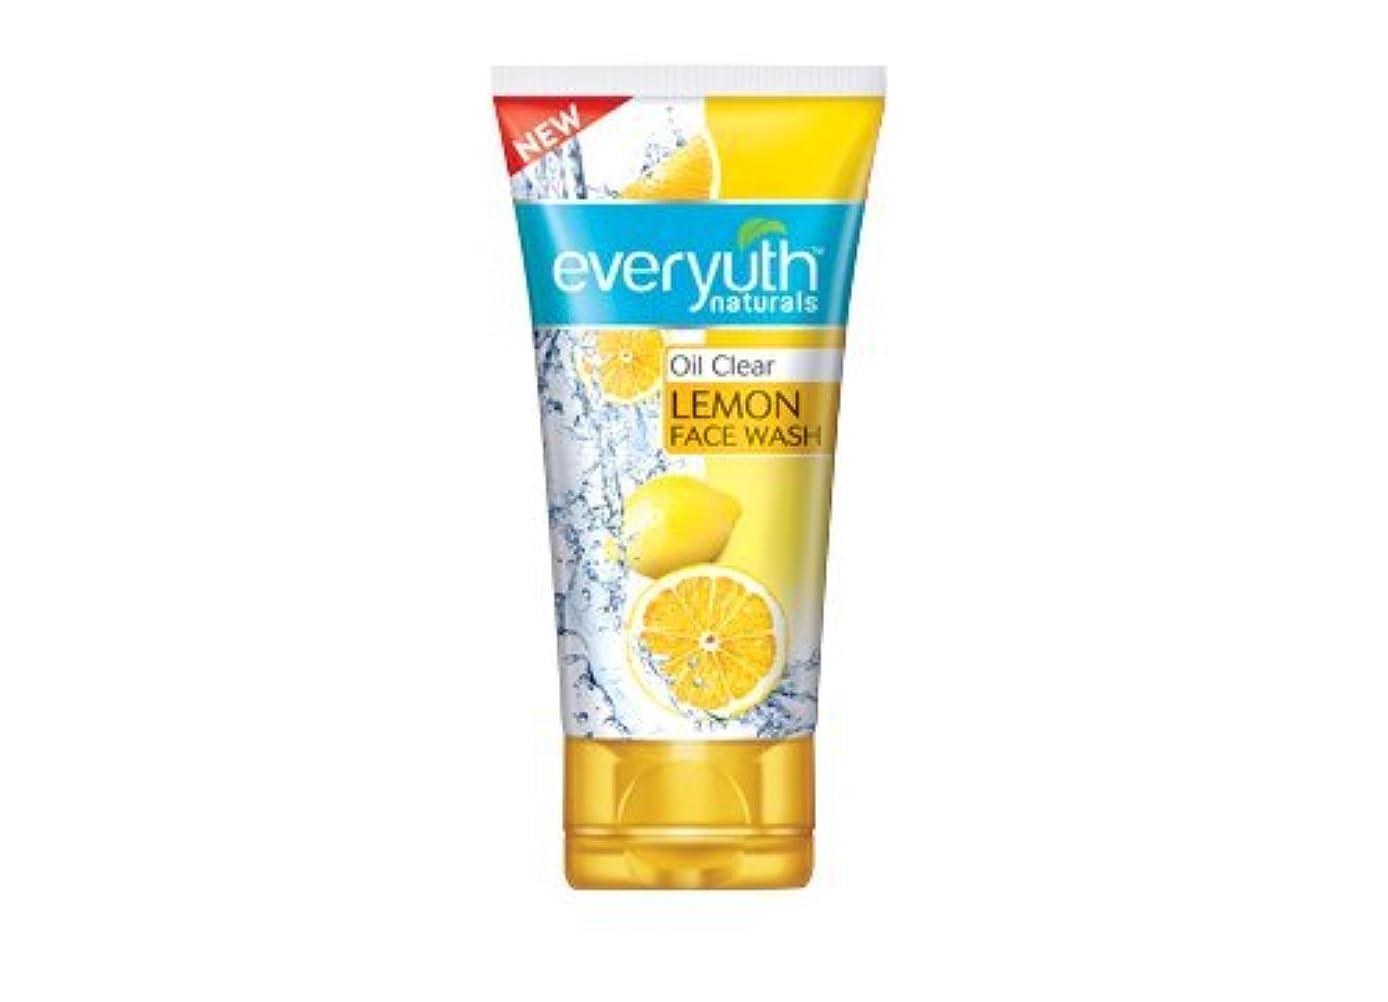 半円失業者ショルダーEveryuth Naturals Oil Clear Lemon Face Wash 50Gm (1 Pack)